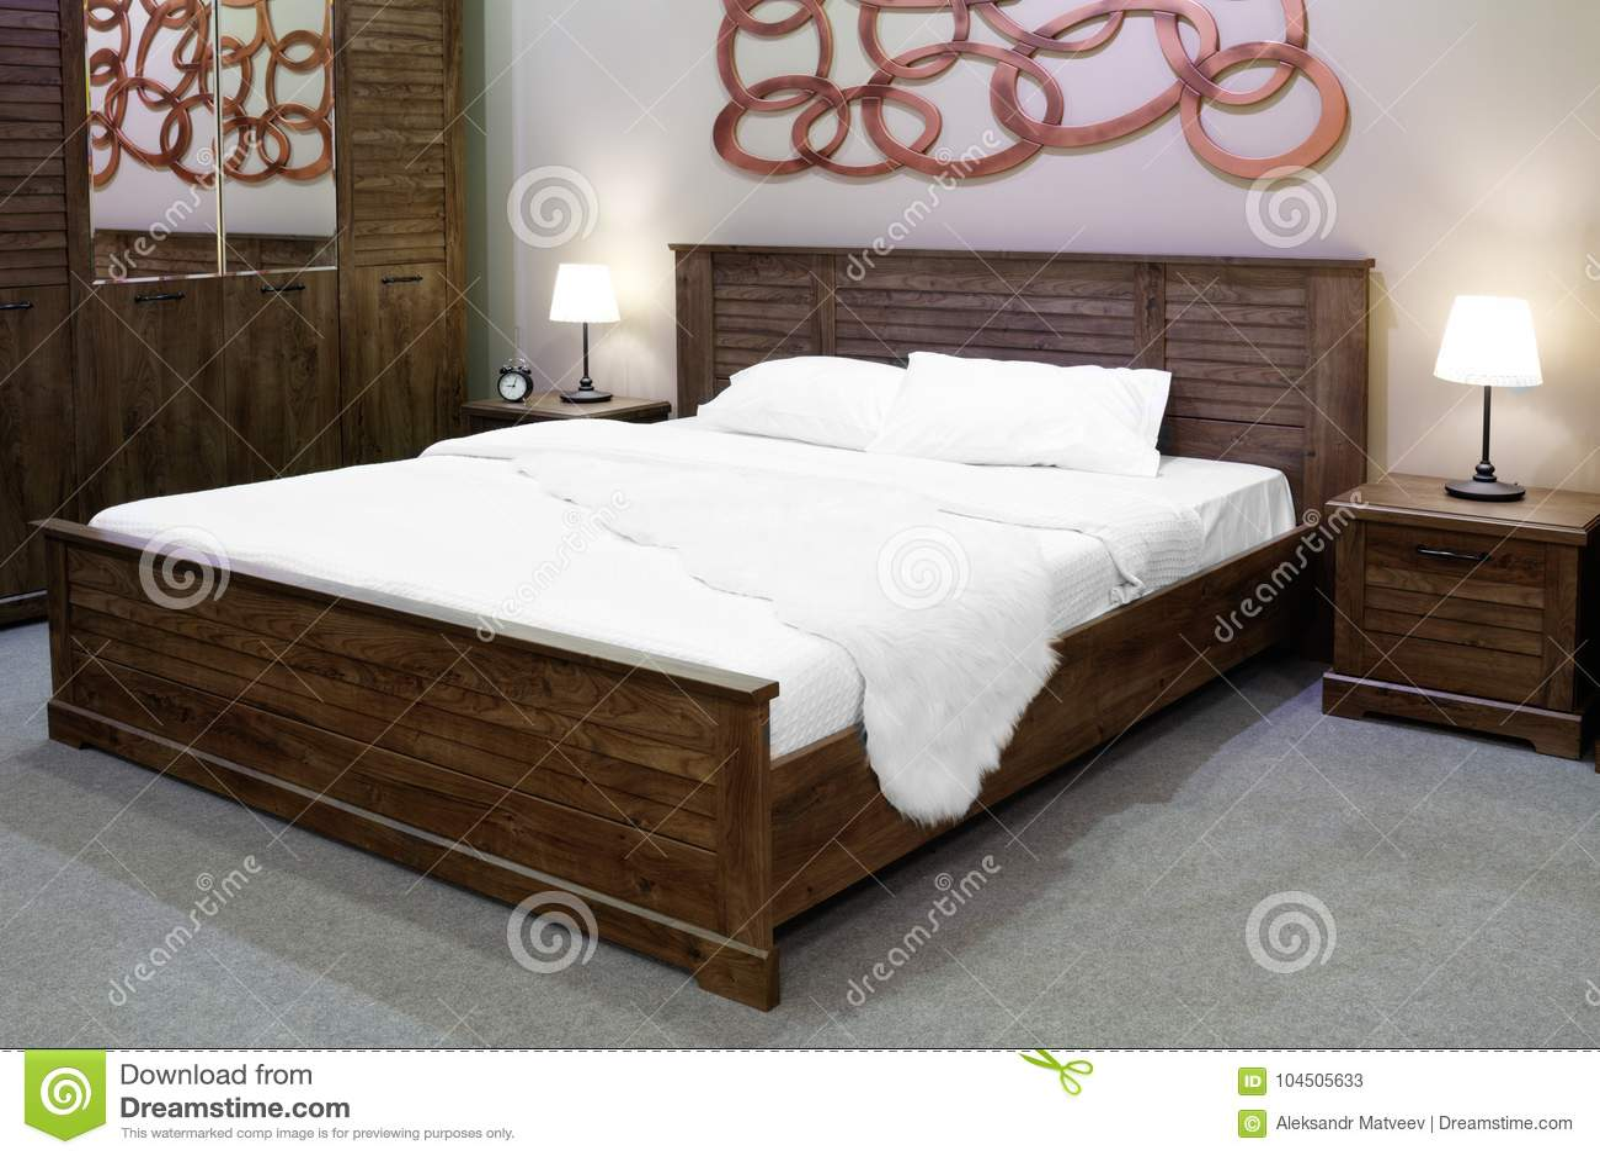 Camera da letto rustica stock photos royalty free images - Camera da letto rustica moderna ...